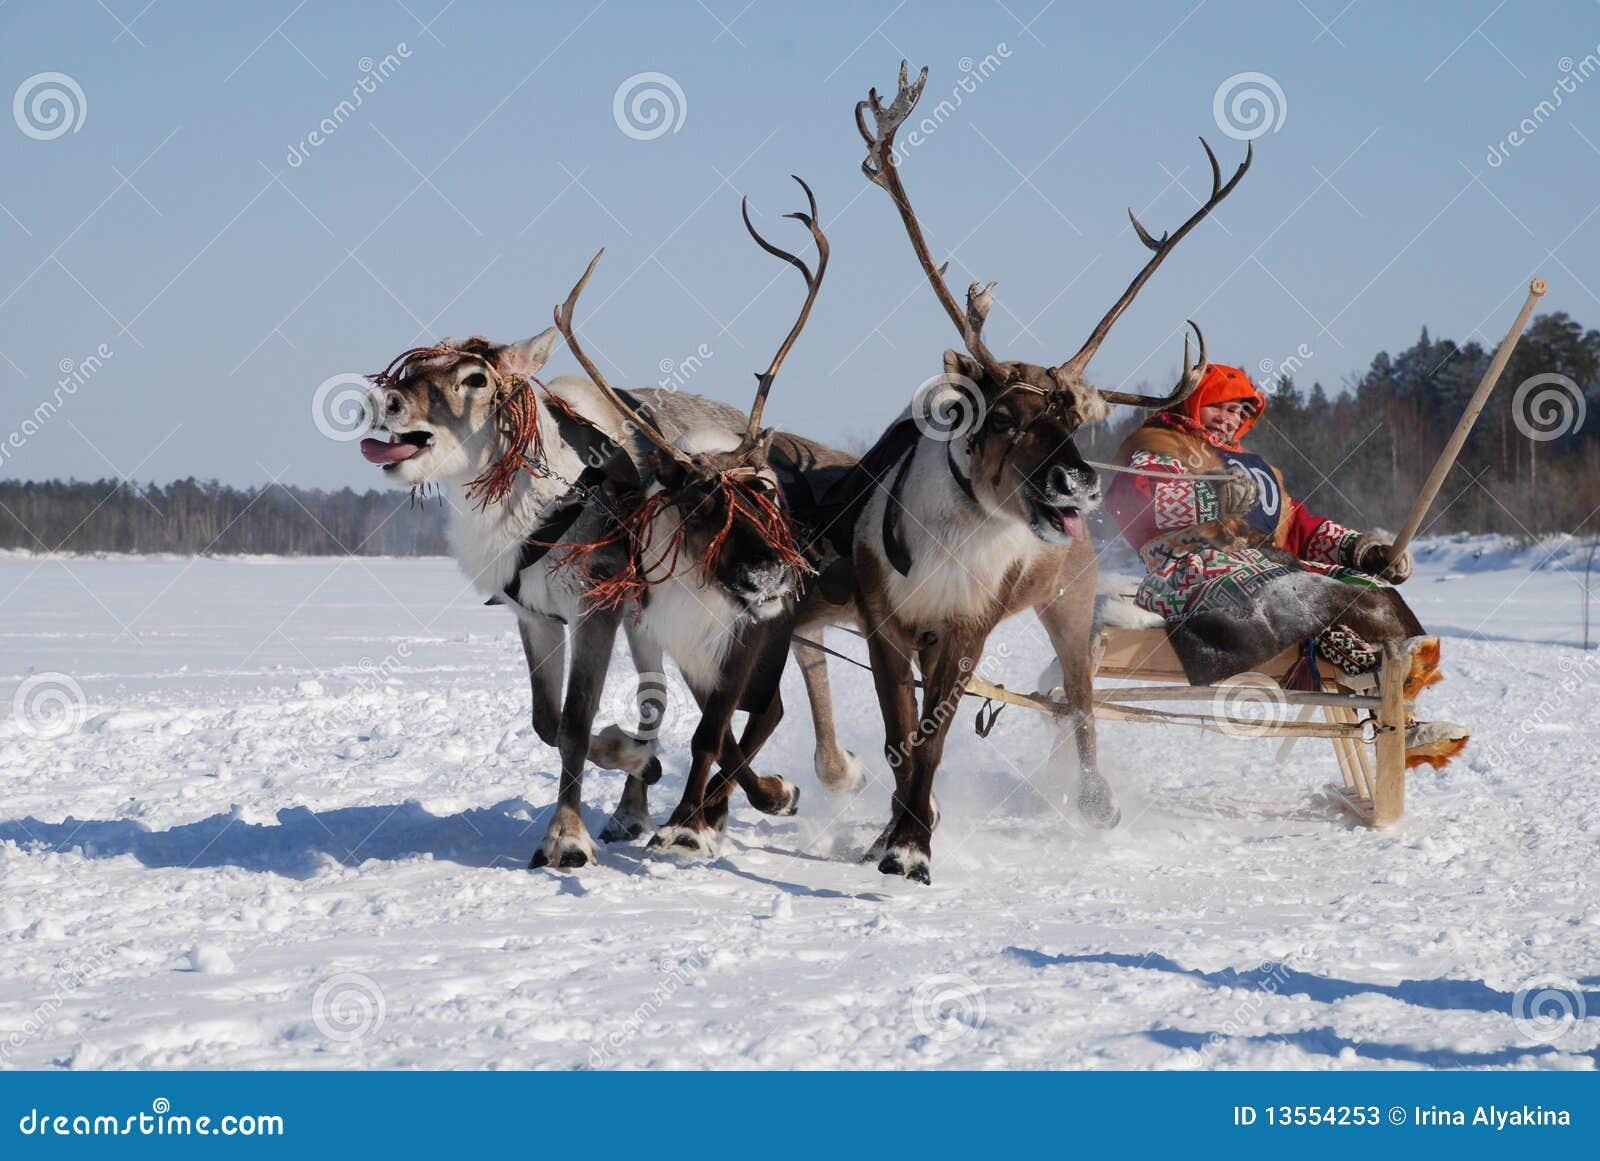 El competir con siberiano de los ciervos